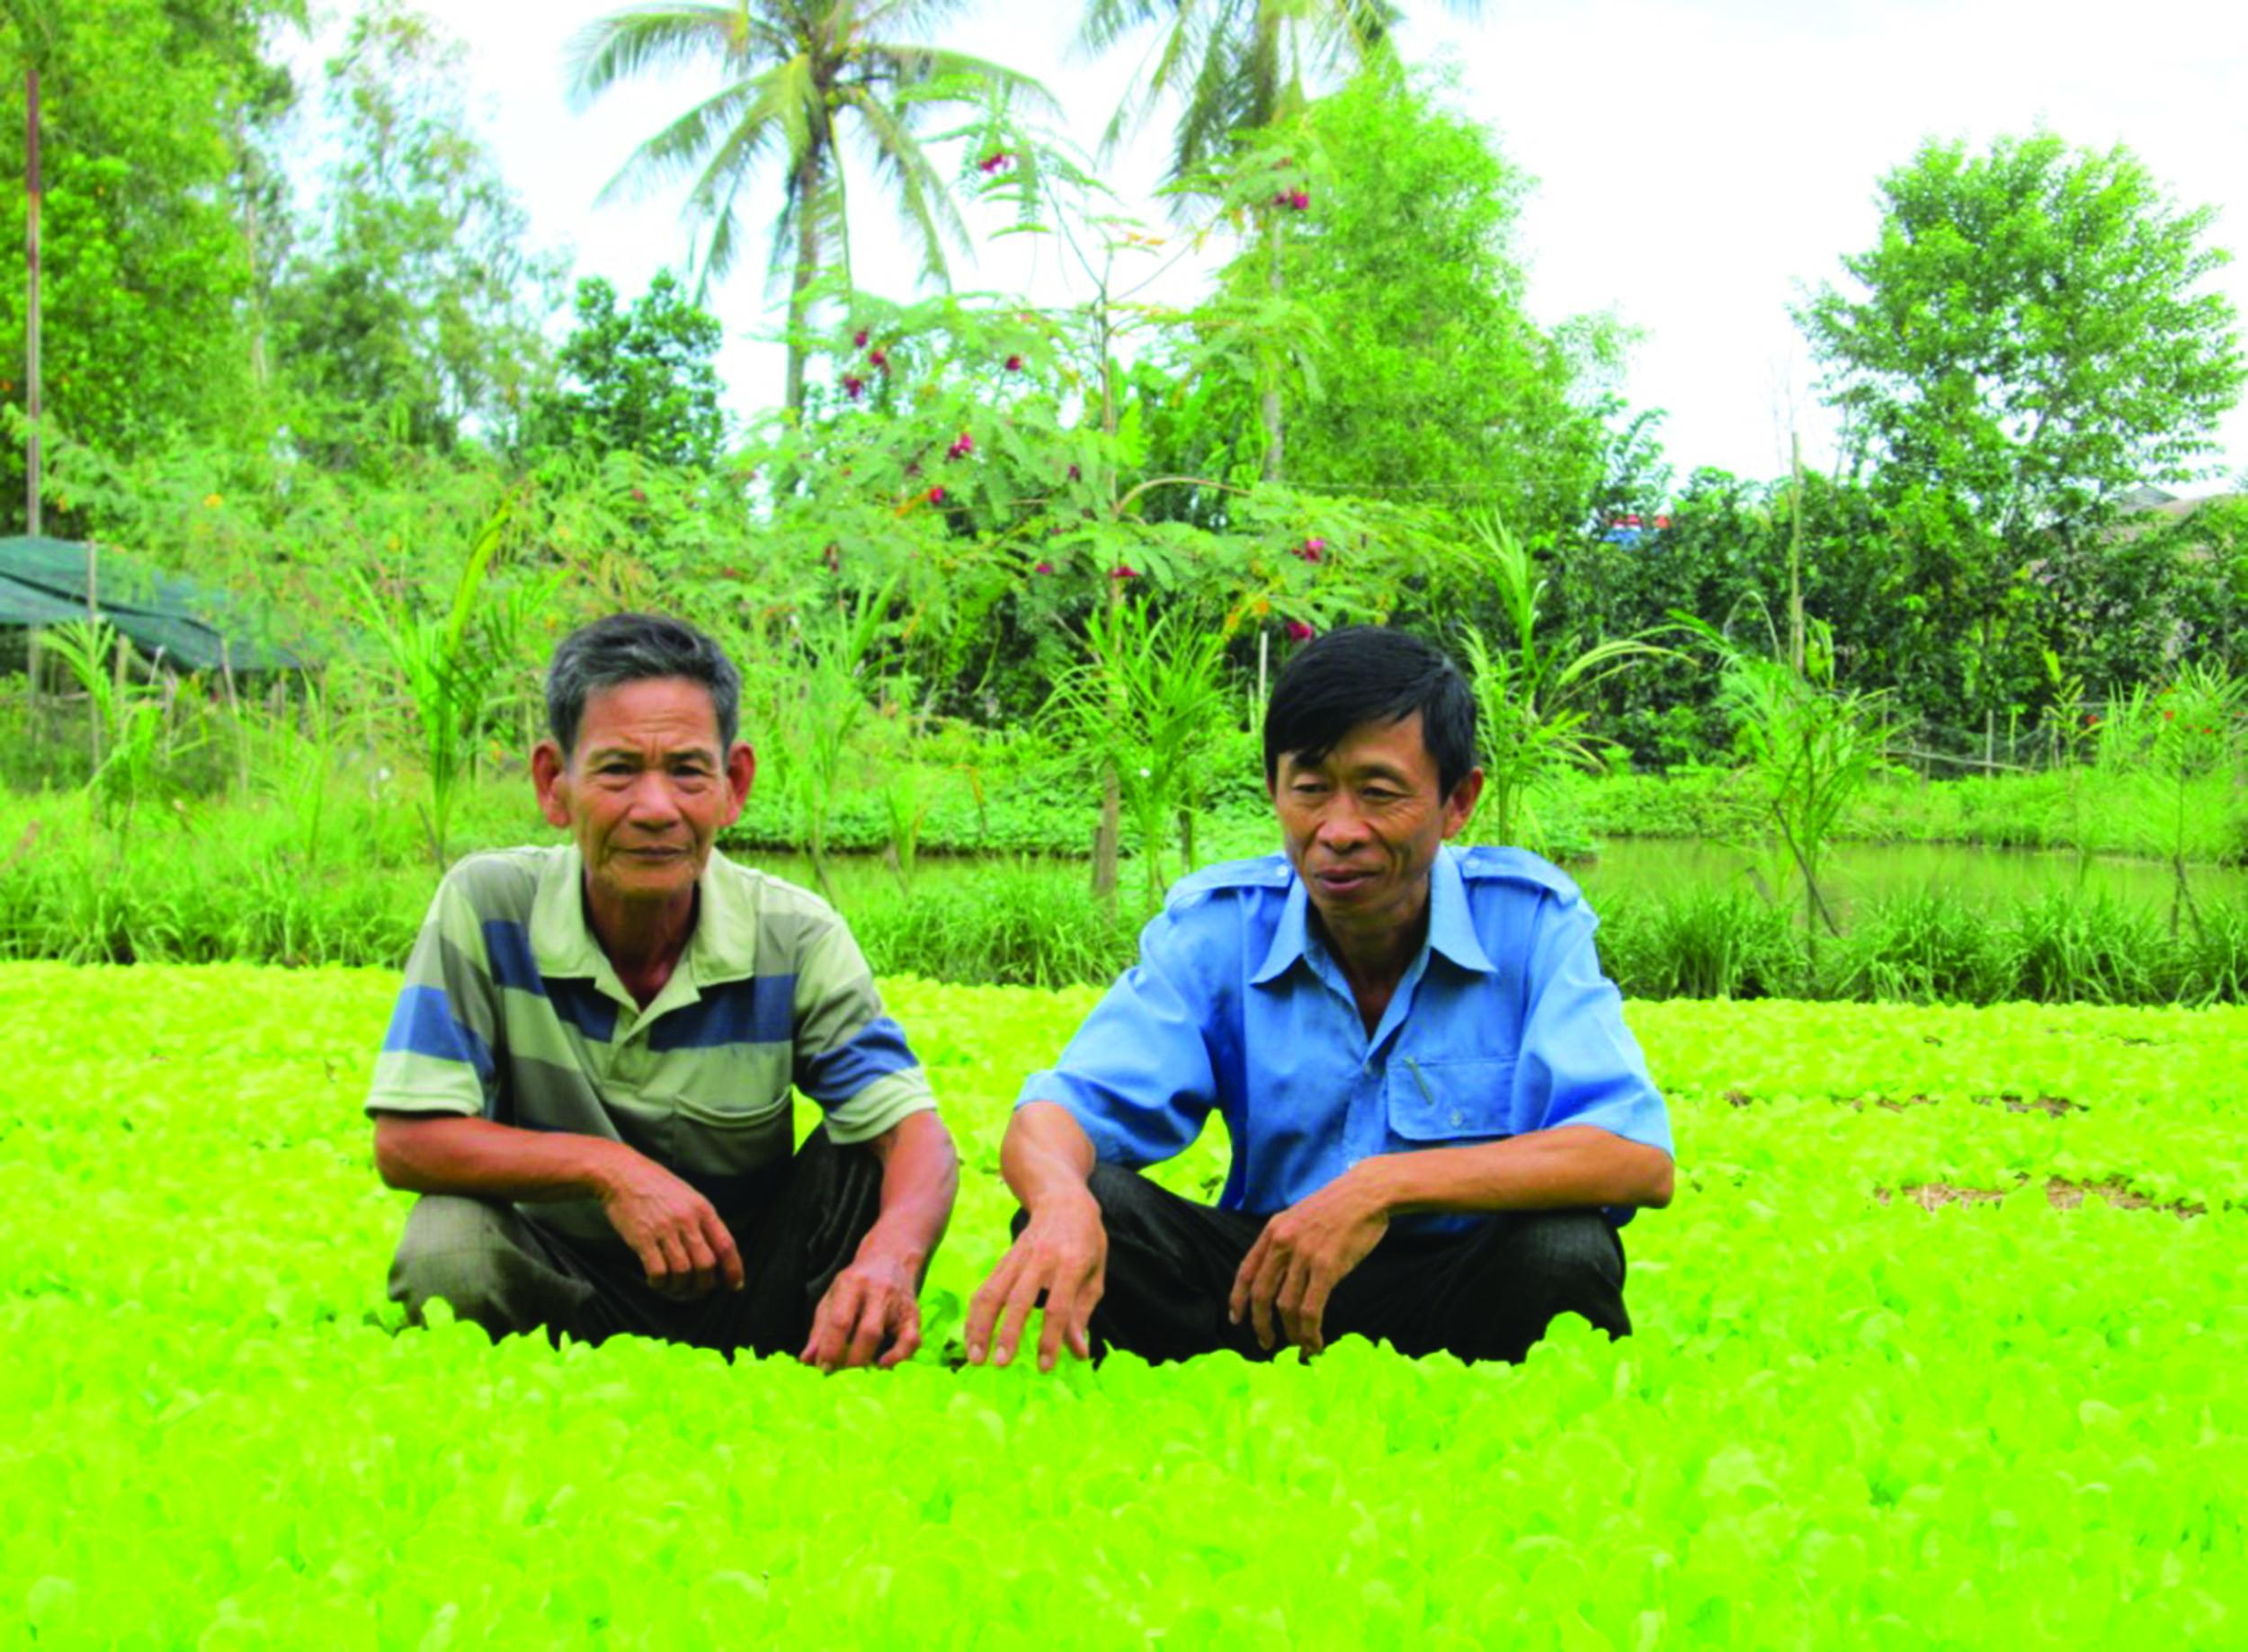 Từ nguồn vốn hỗ trợ phát triển sản xuất cho đồng bào Khmer, Anh Danh Nưl (bên phải) ở ấp Láng Sen (xã Bàn Thạch, Giồng Riềng) đã trồng màu chuyên canh cho thu nhập khá.